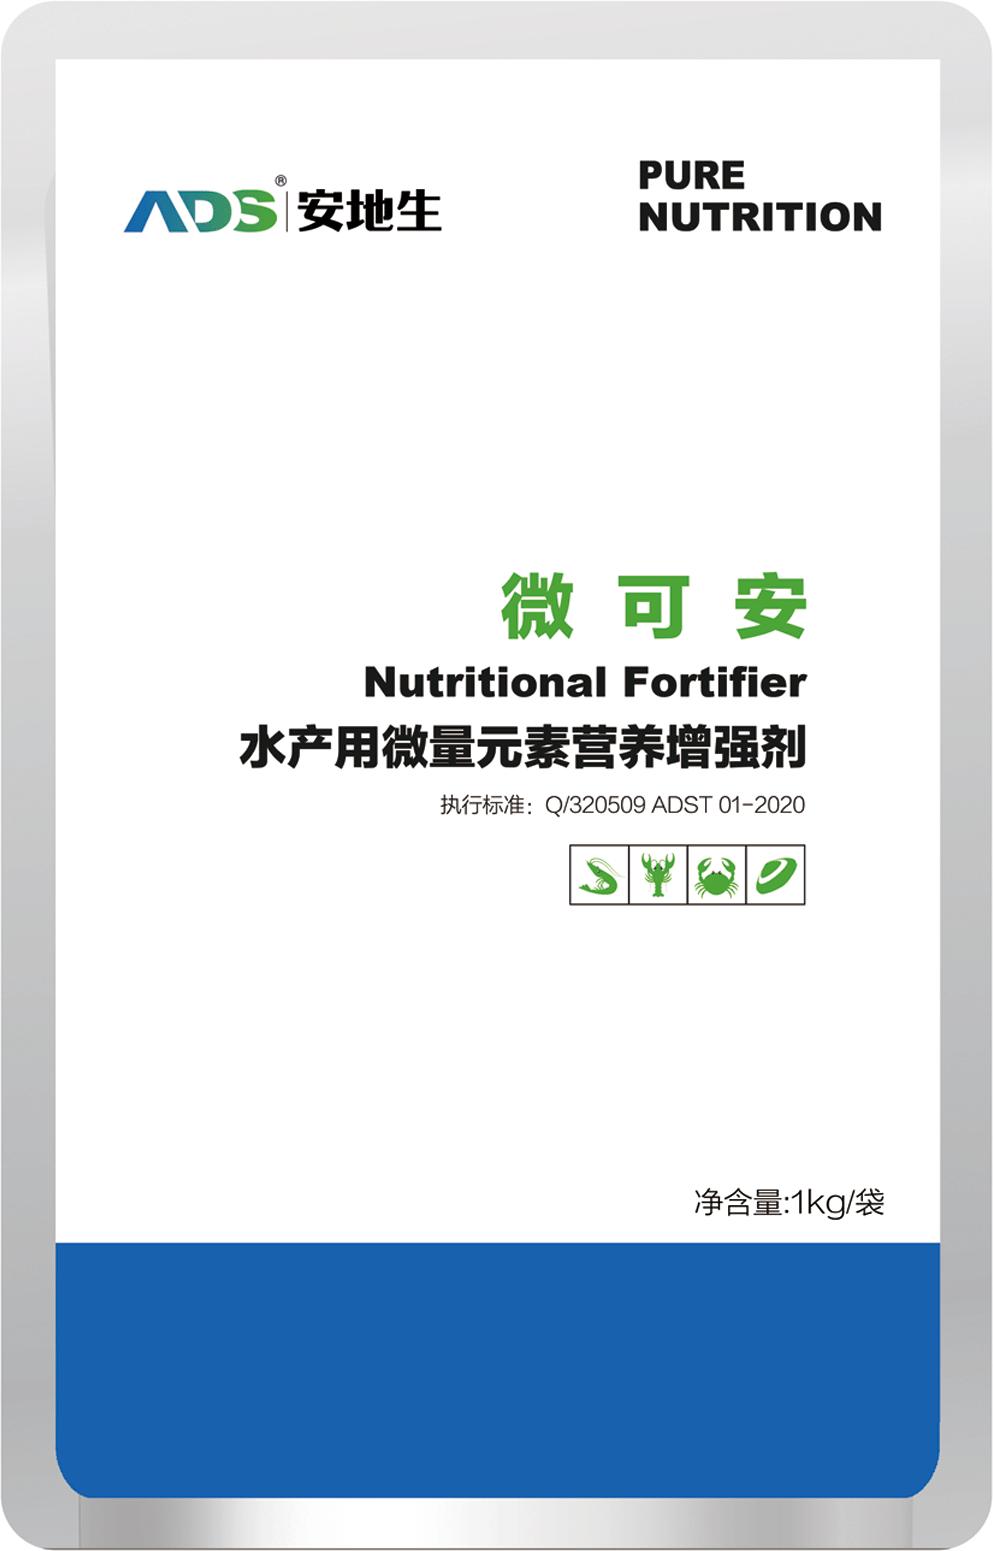 菏泽菏泽南美白对虾营养厂家,菏泽高纯氧化钙颗粒出售